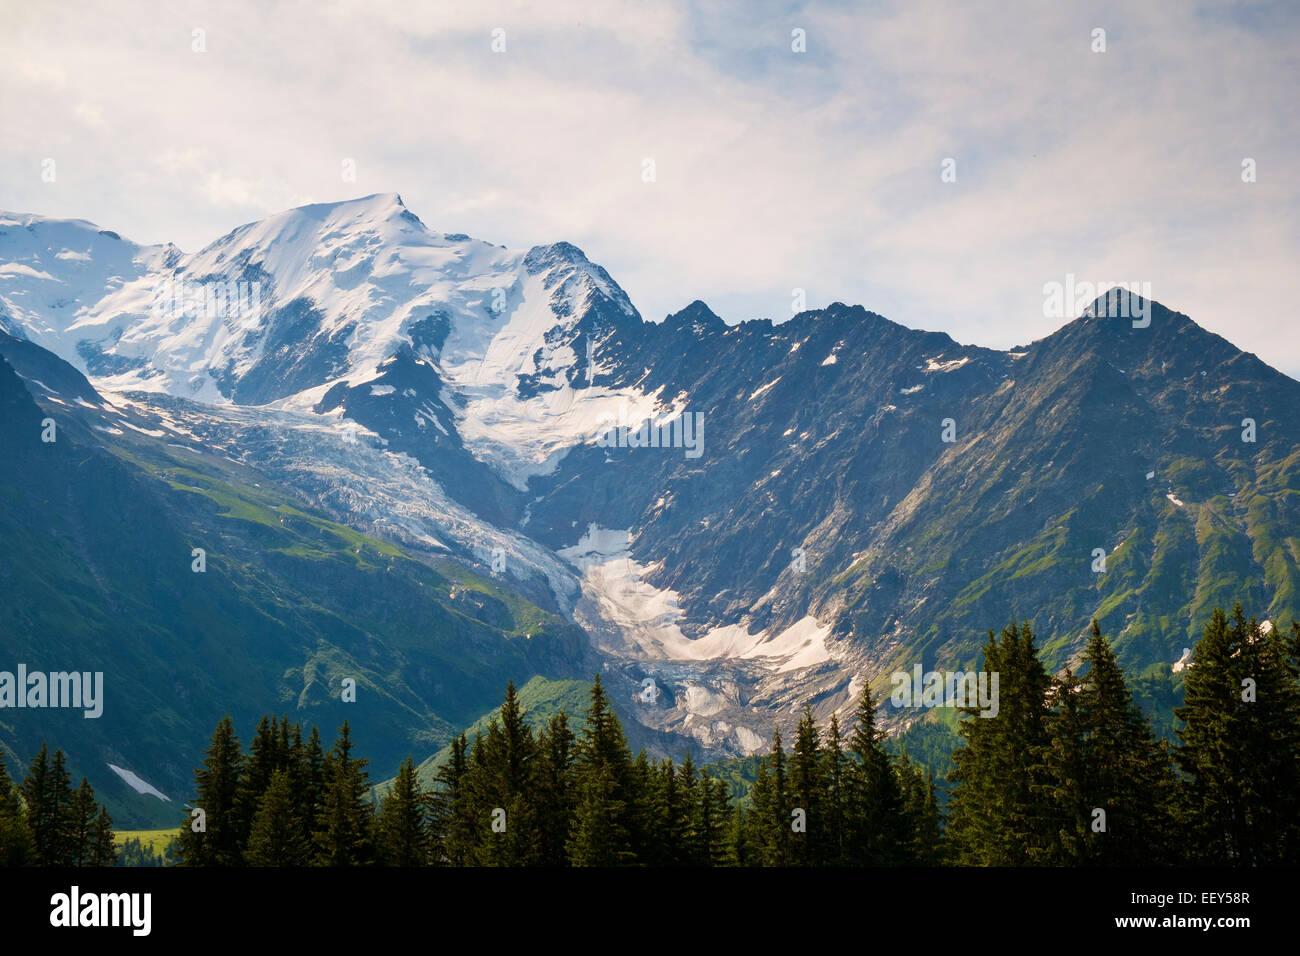 Mont Blanc, Glacier de Bionnassay and Col du Tricot, Rhone-Alpes, Haute-Savoie, France, Europe - Stock Image